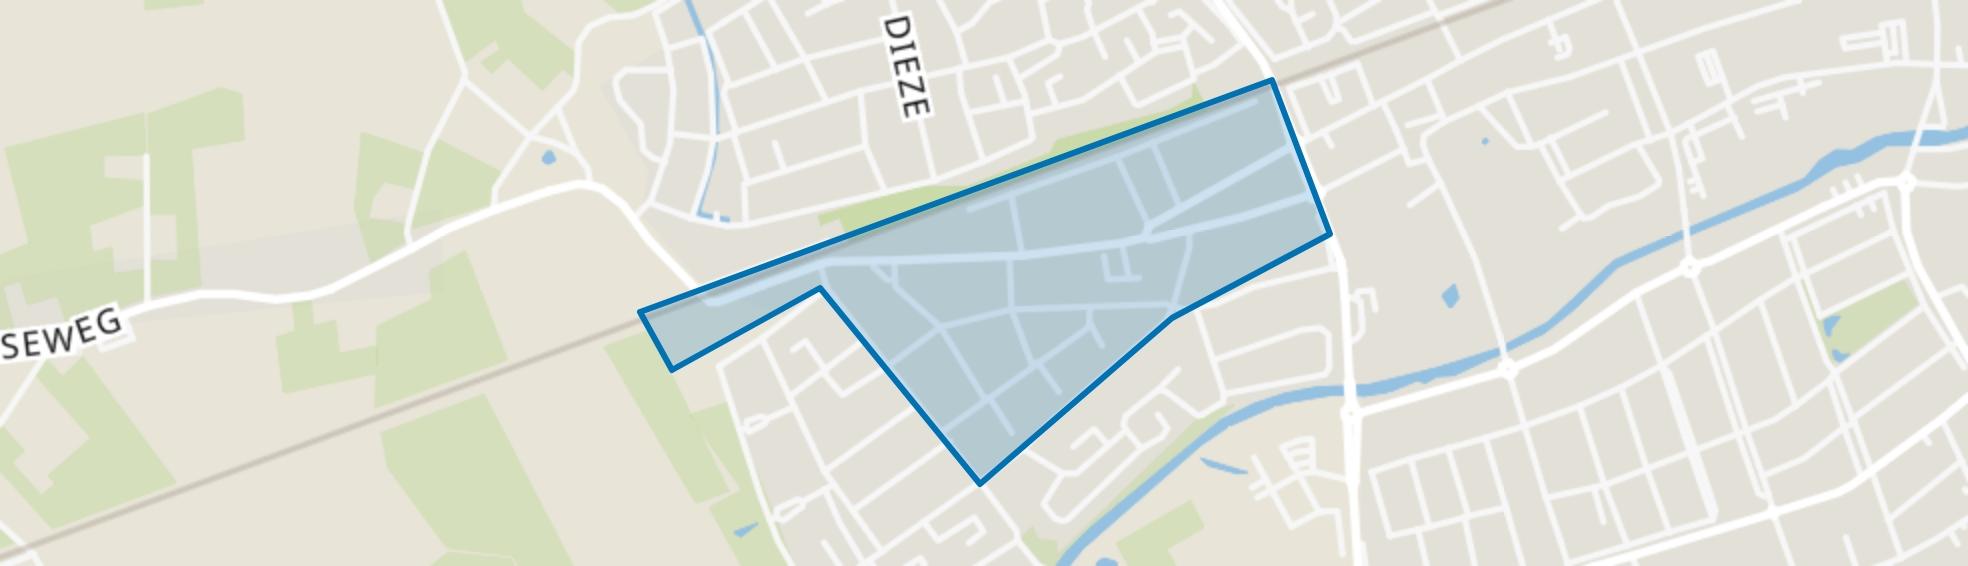 Omg. Prinsessen-wijk, Oisterwijk map